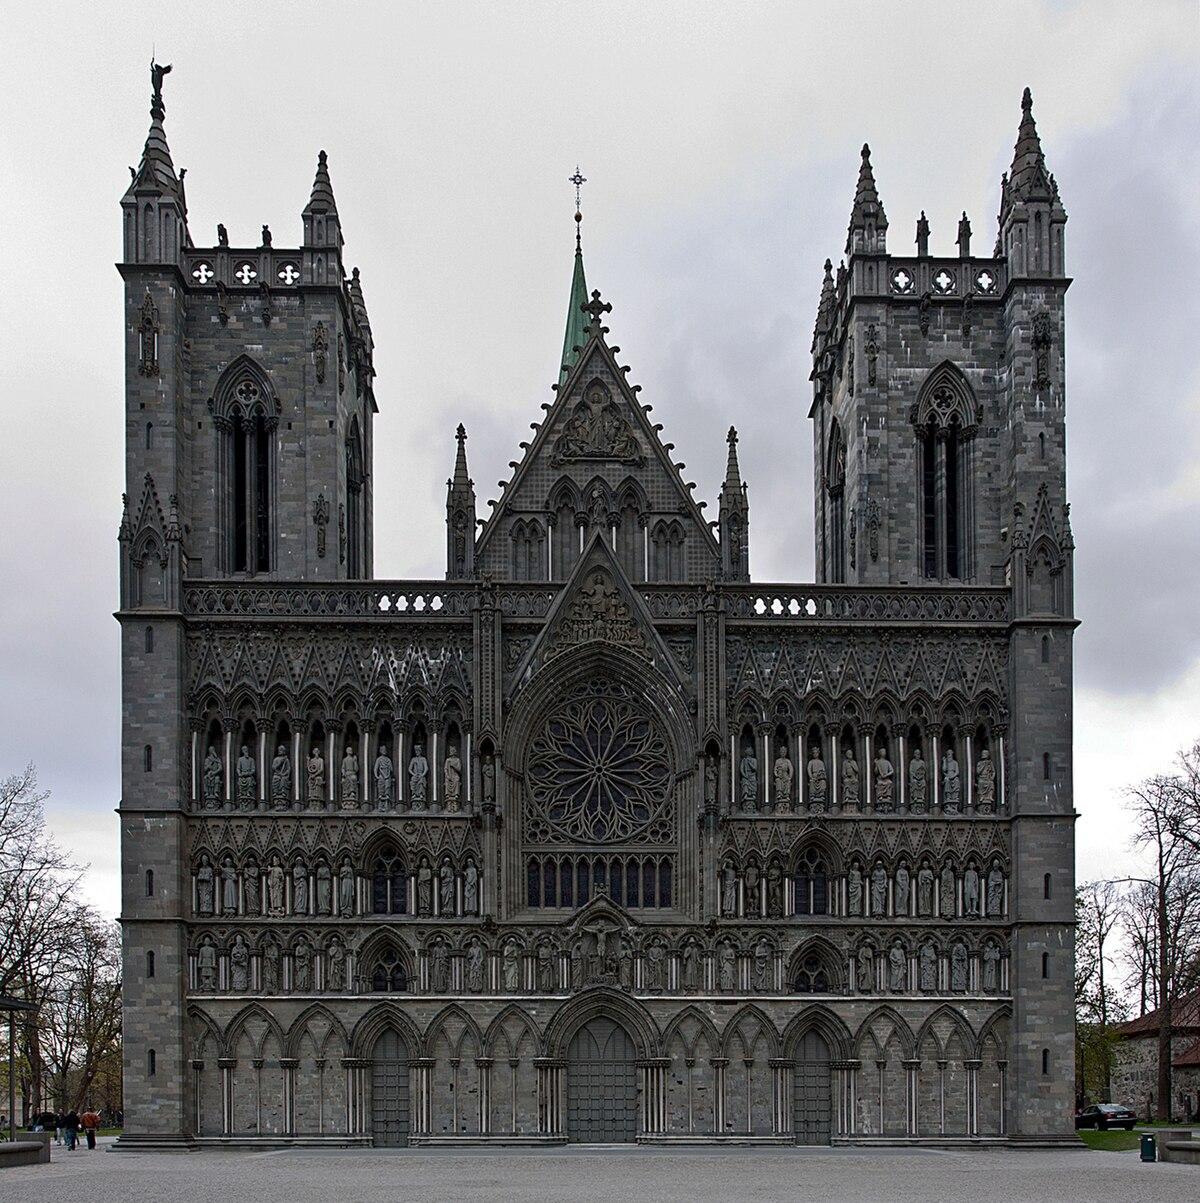 Najlepše katedrale sveta - Page 2 1200px-Katedra_trondheim_1680